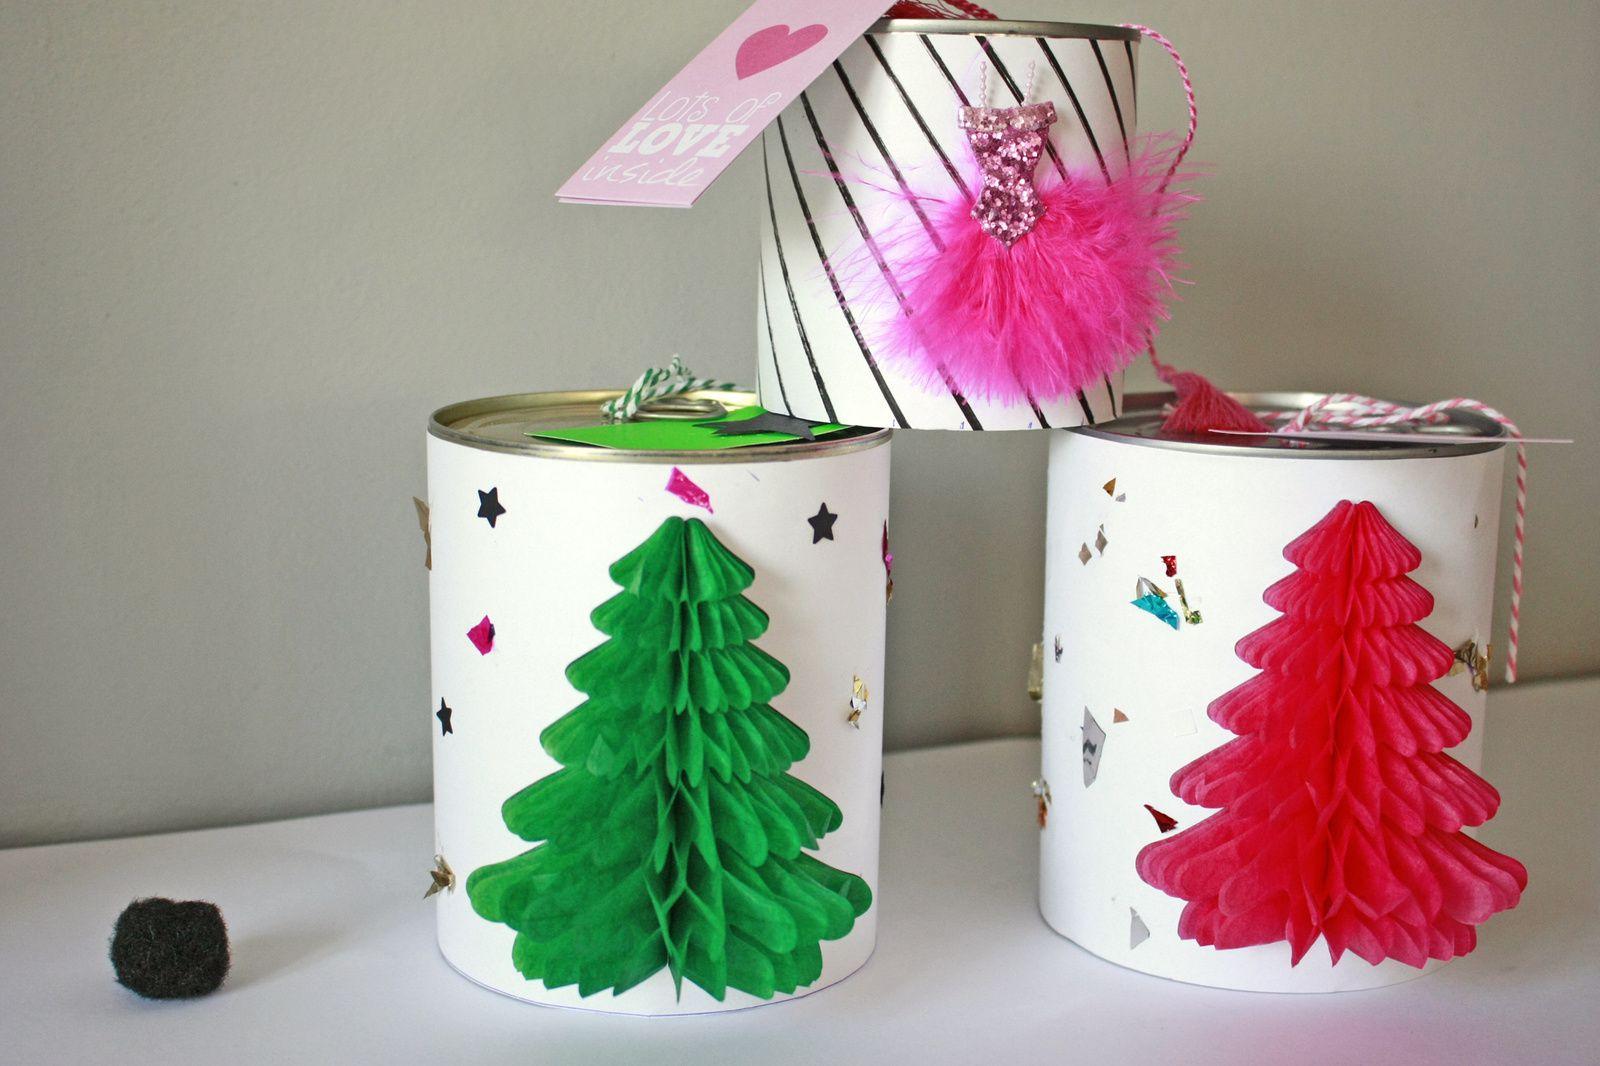 Personnaliser ses boîtes cadeaux pour un noêl récup !